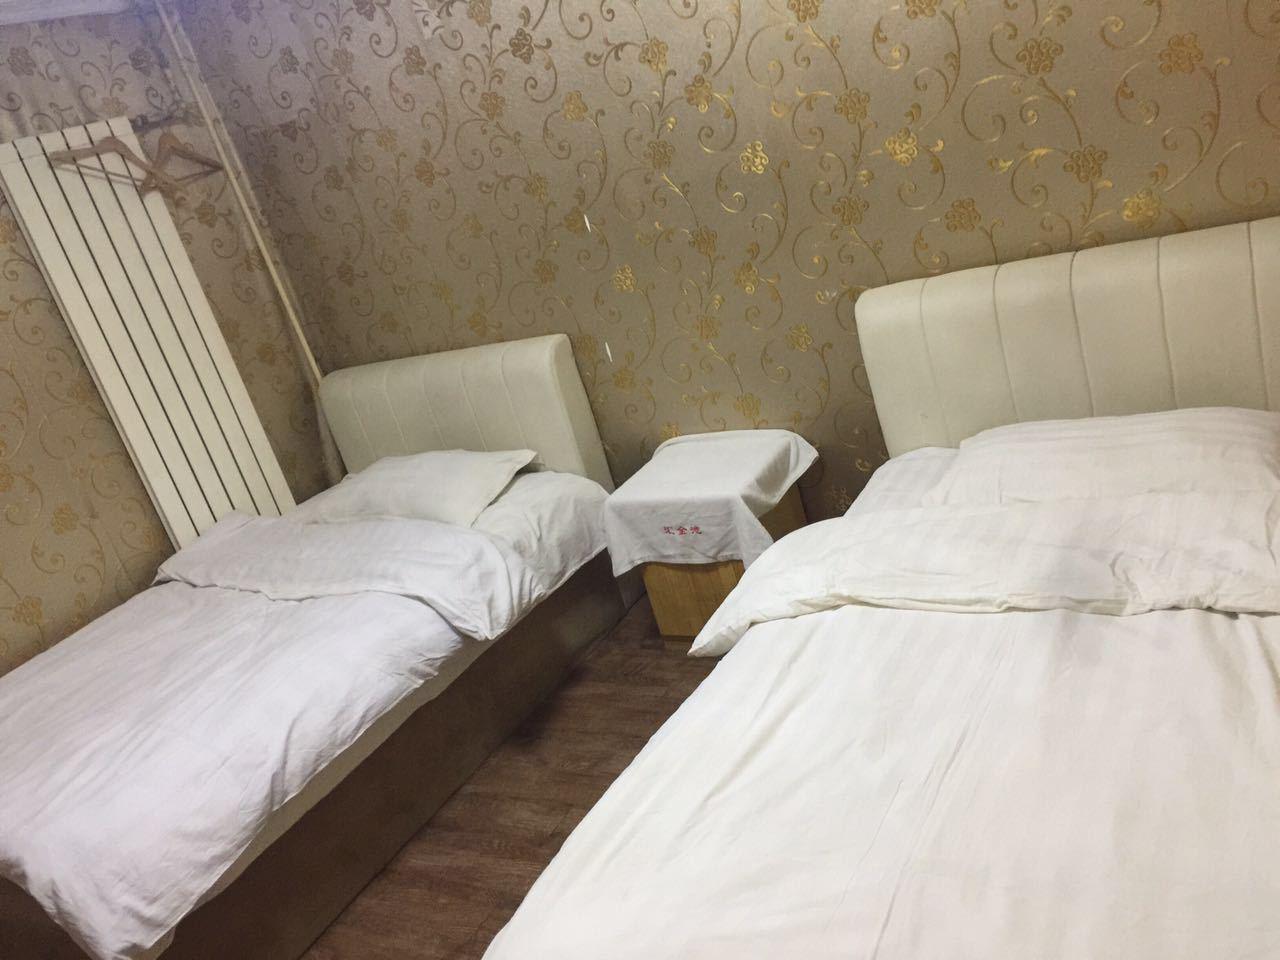 宾港公寓预订/团购